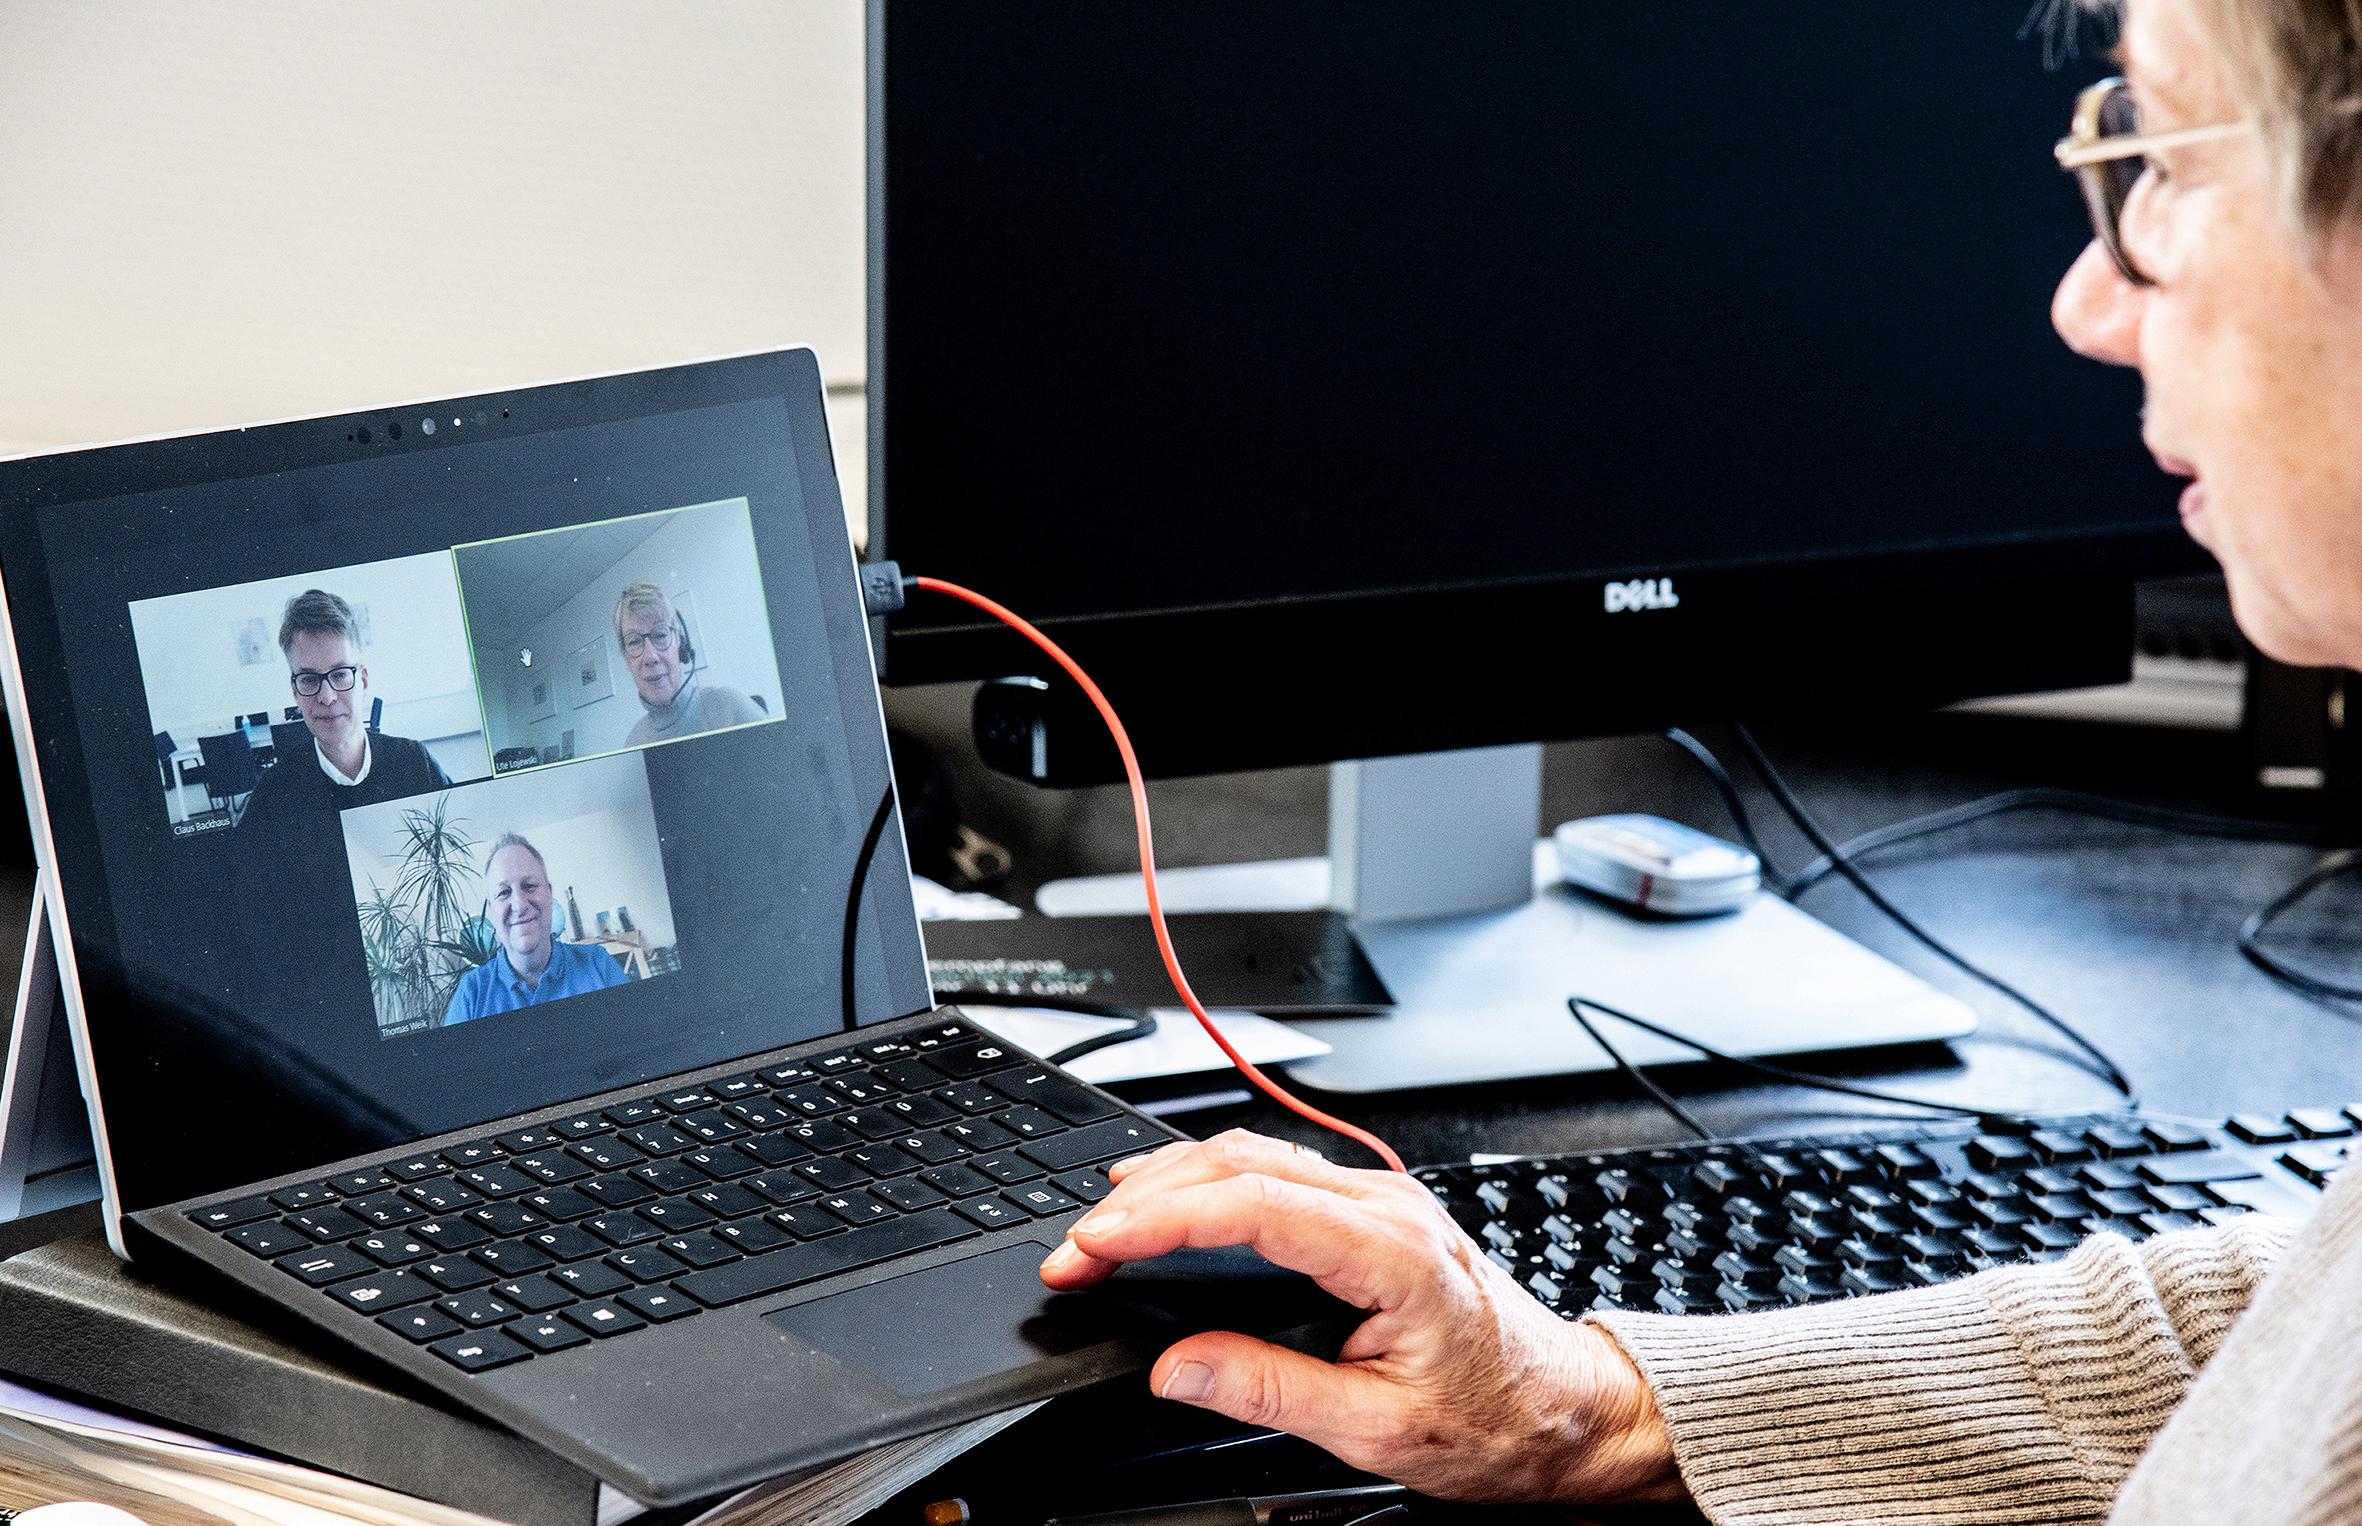 Videokonferenz mit Prof. Dr. Ute von Lojewski, Prof. Dr. Claus Backhaus, Prof. Dr. Thomas Weik